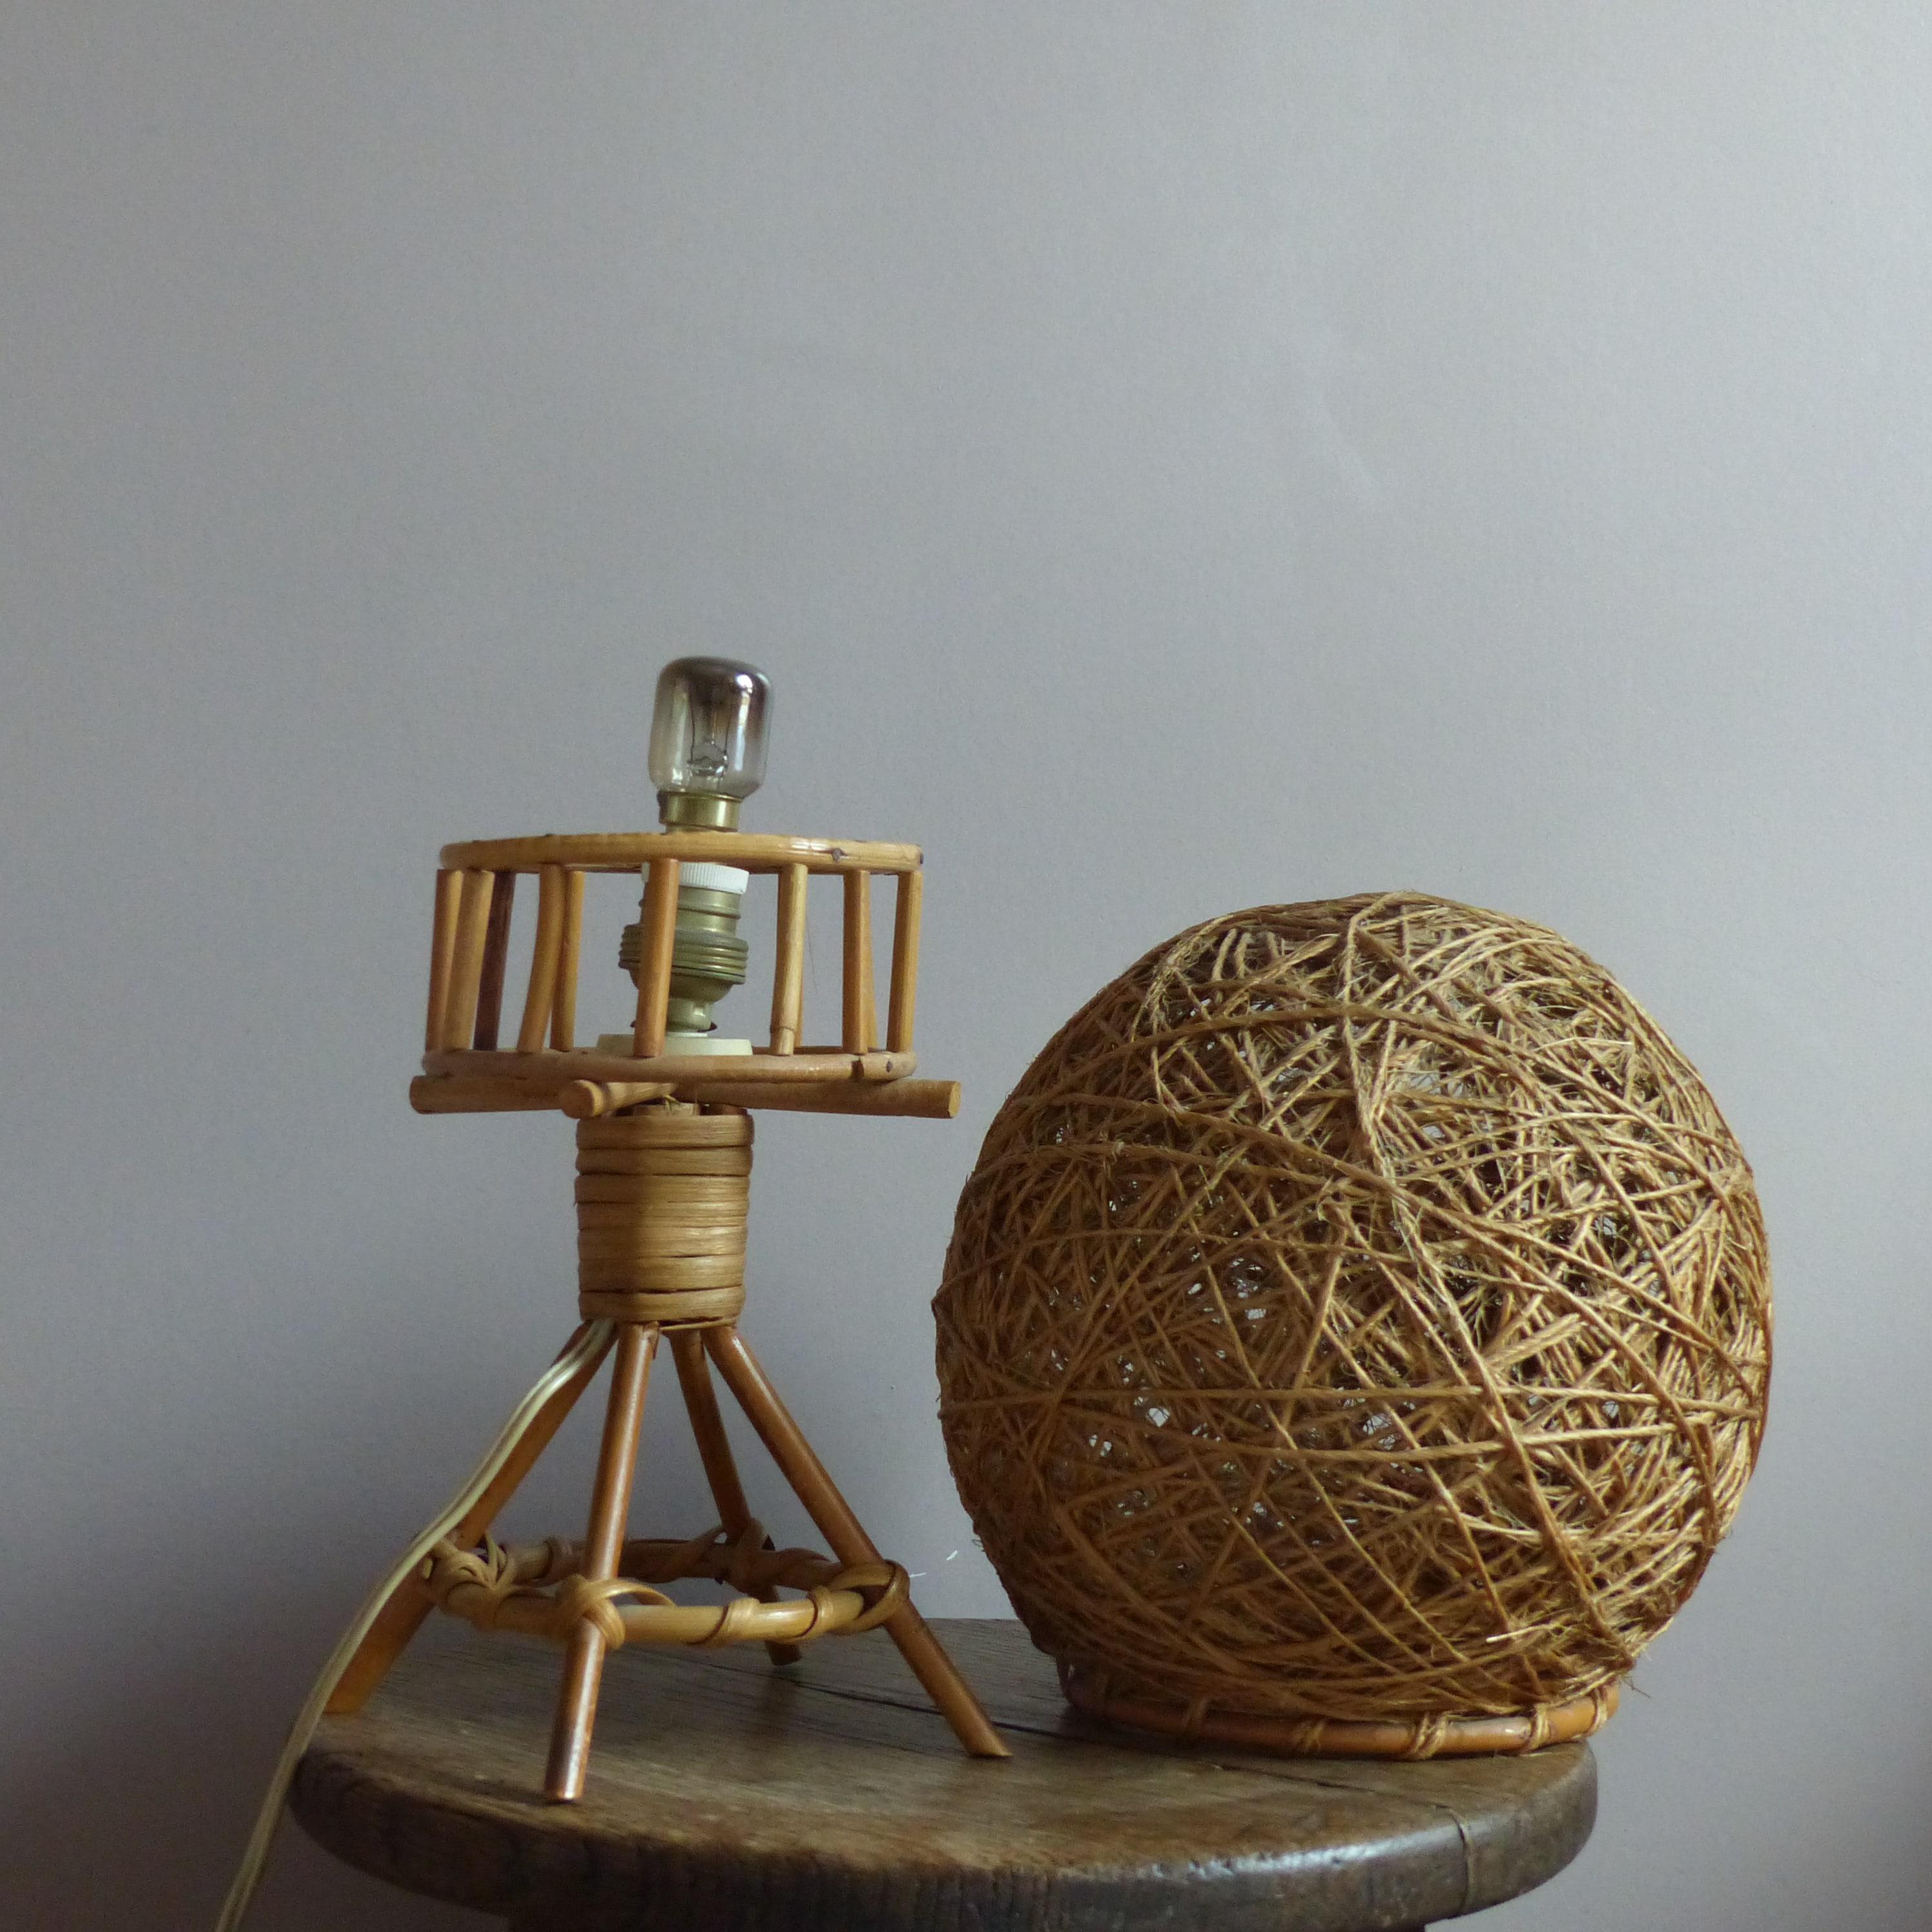 petite lampe de chevet boule en rotin lignedebrocante brocante en ligne chine pour vous. Black Bedroom Furniture Sets. Home Design Ideas